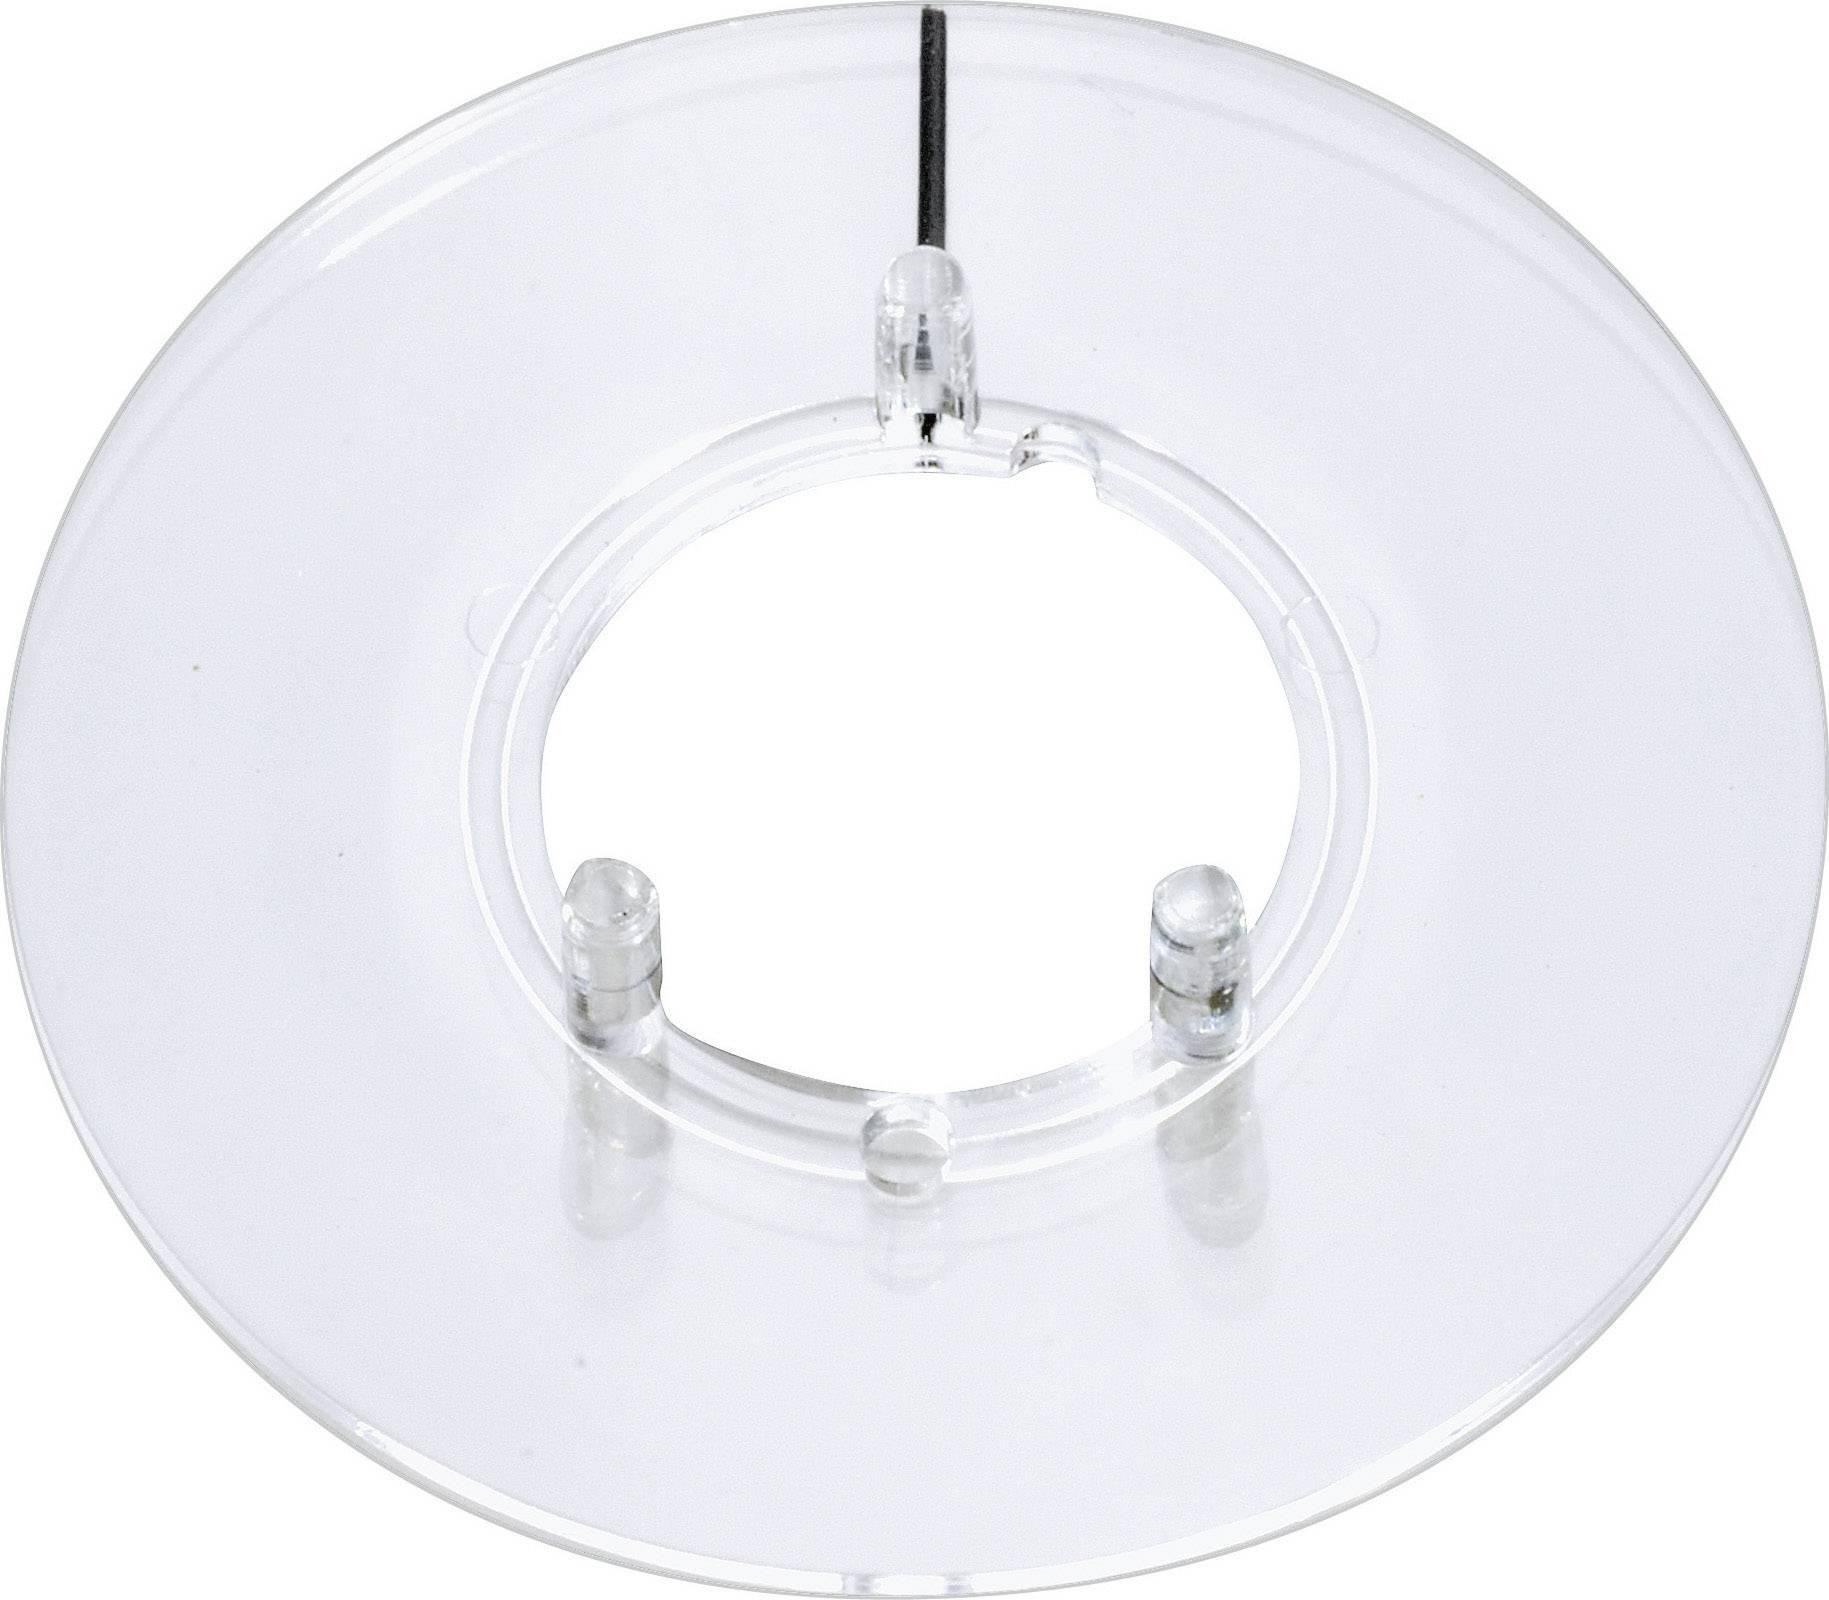 Kruhová stupnice s ukazatelem OKW, vhodná pro knoflík Ø 13,5 mm, transparentní